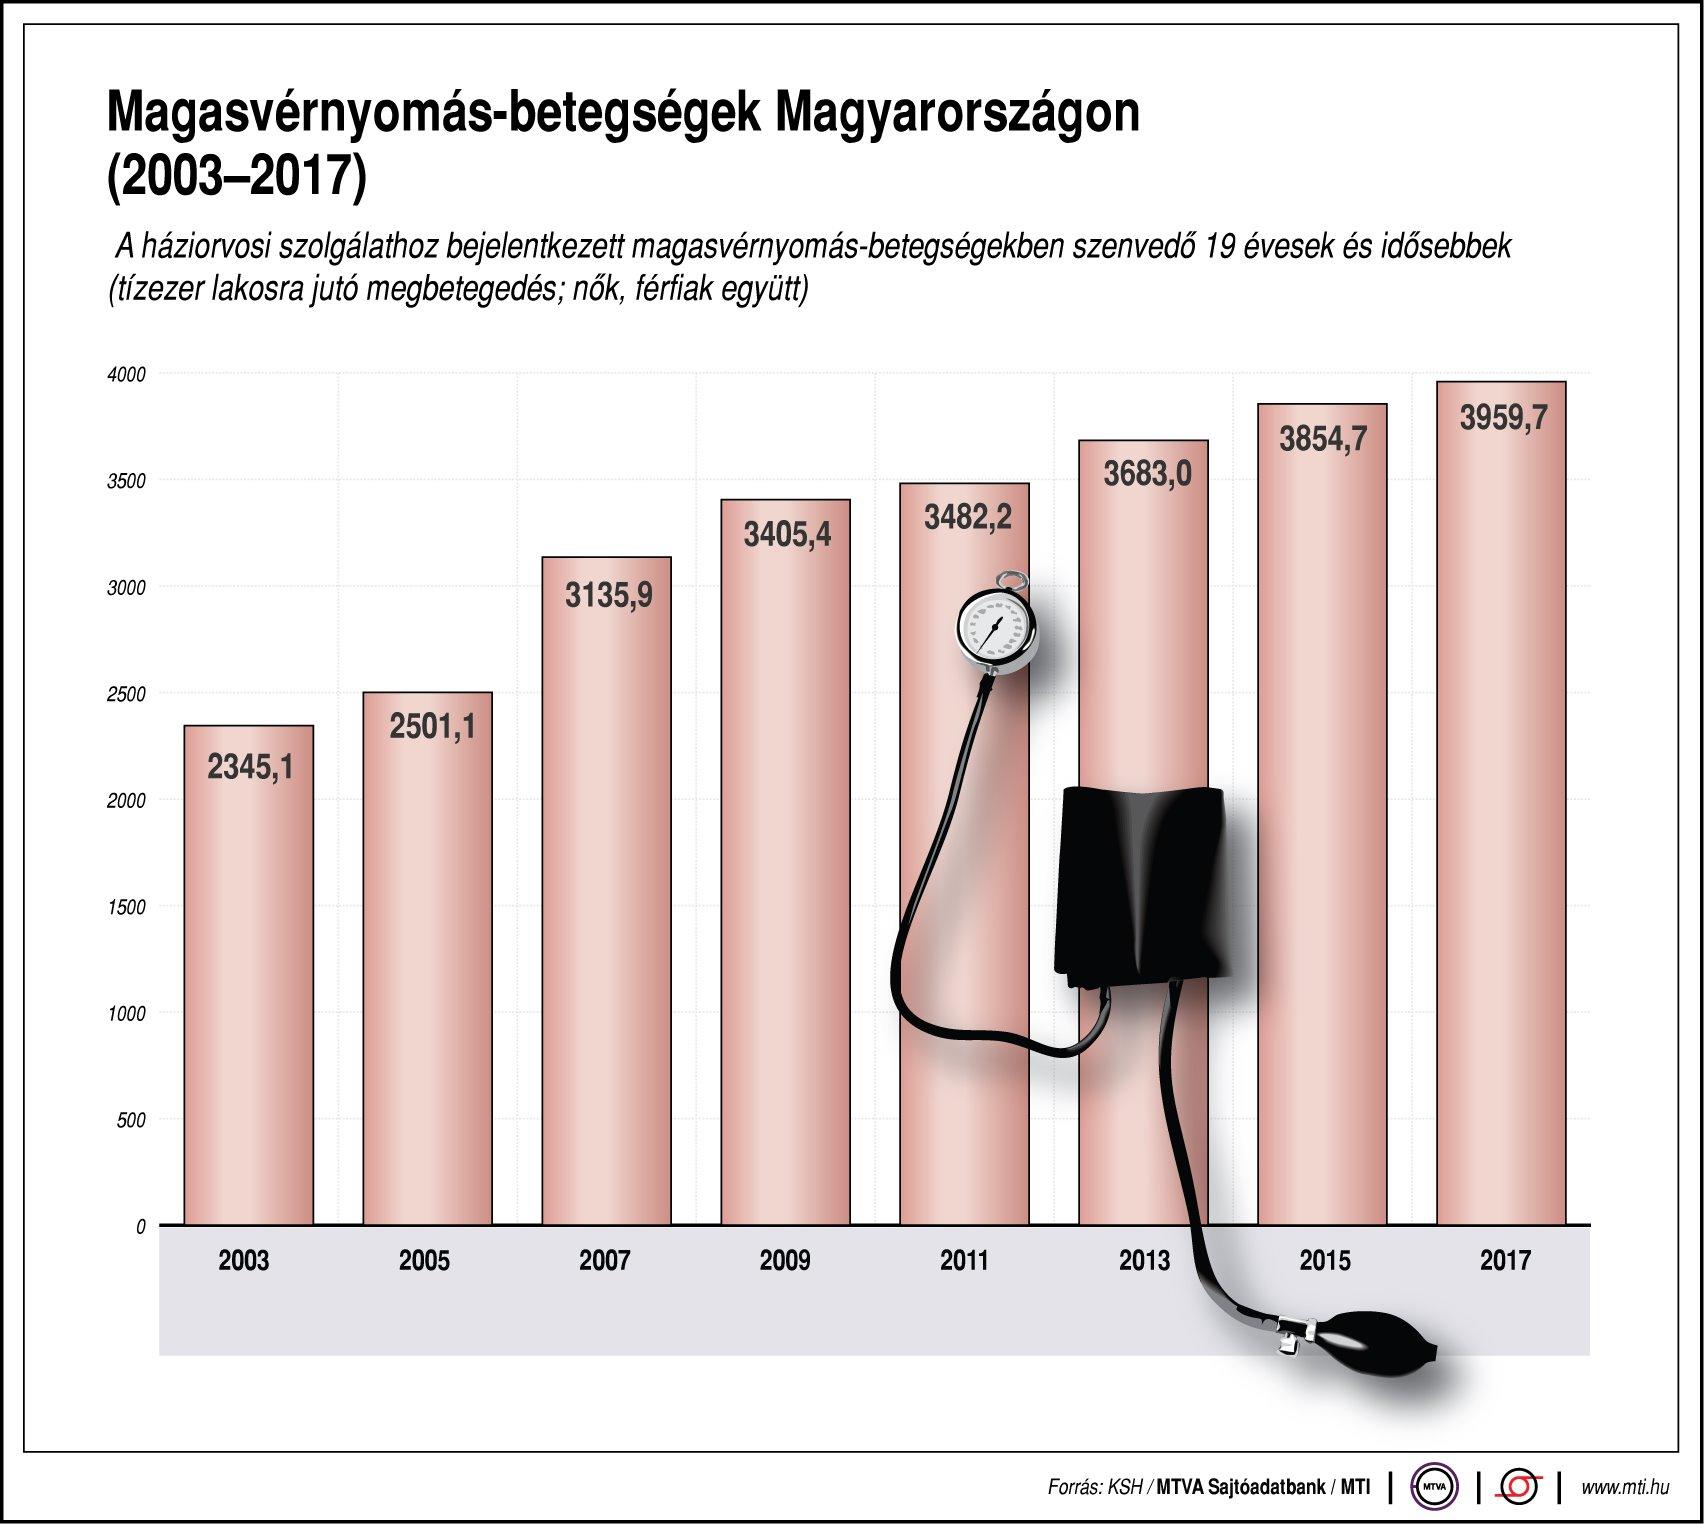 mi a magas vérnyomás 1 fokú kockázata magas vérnyomás vesepatológiával